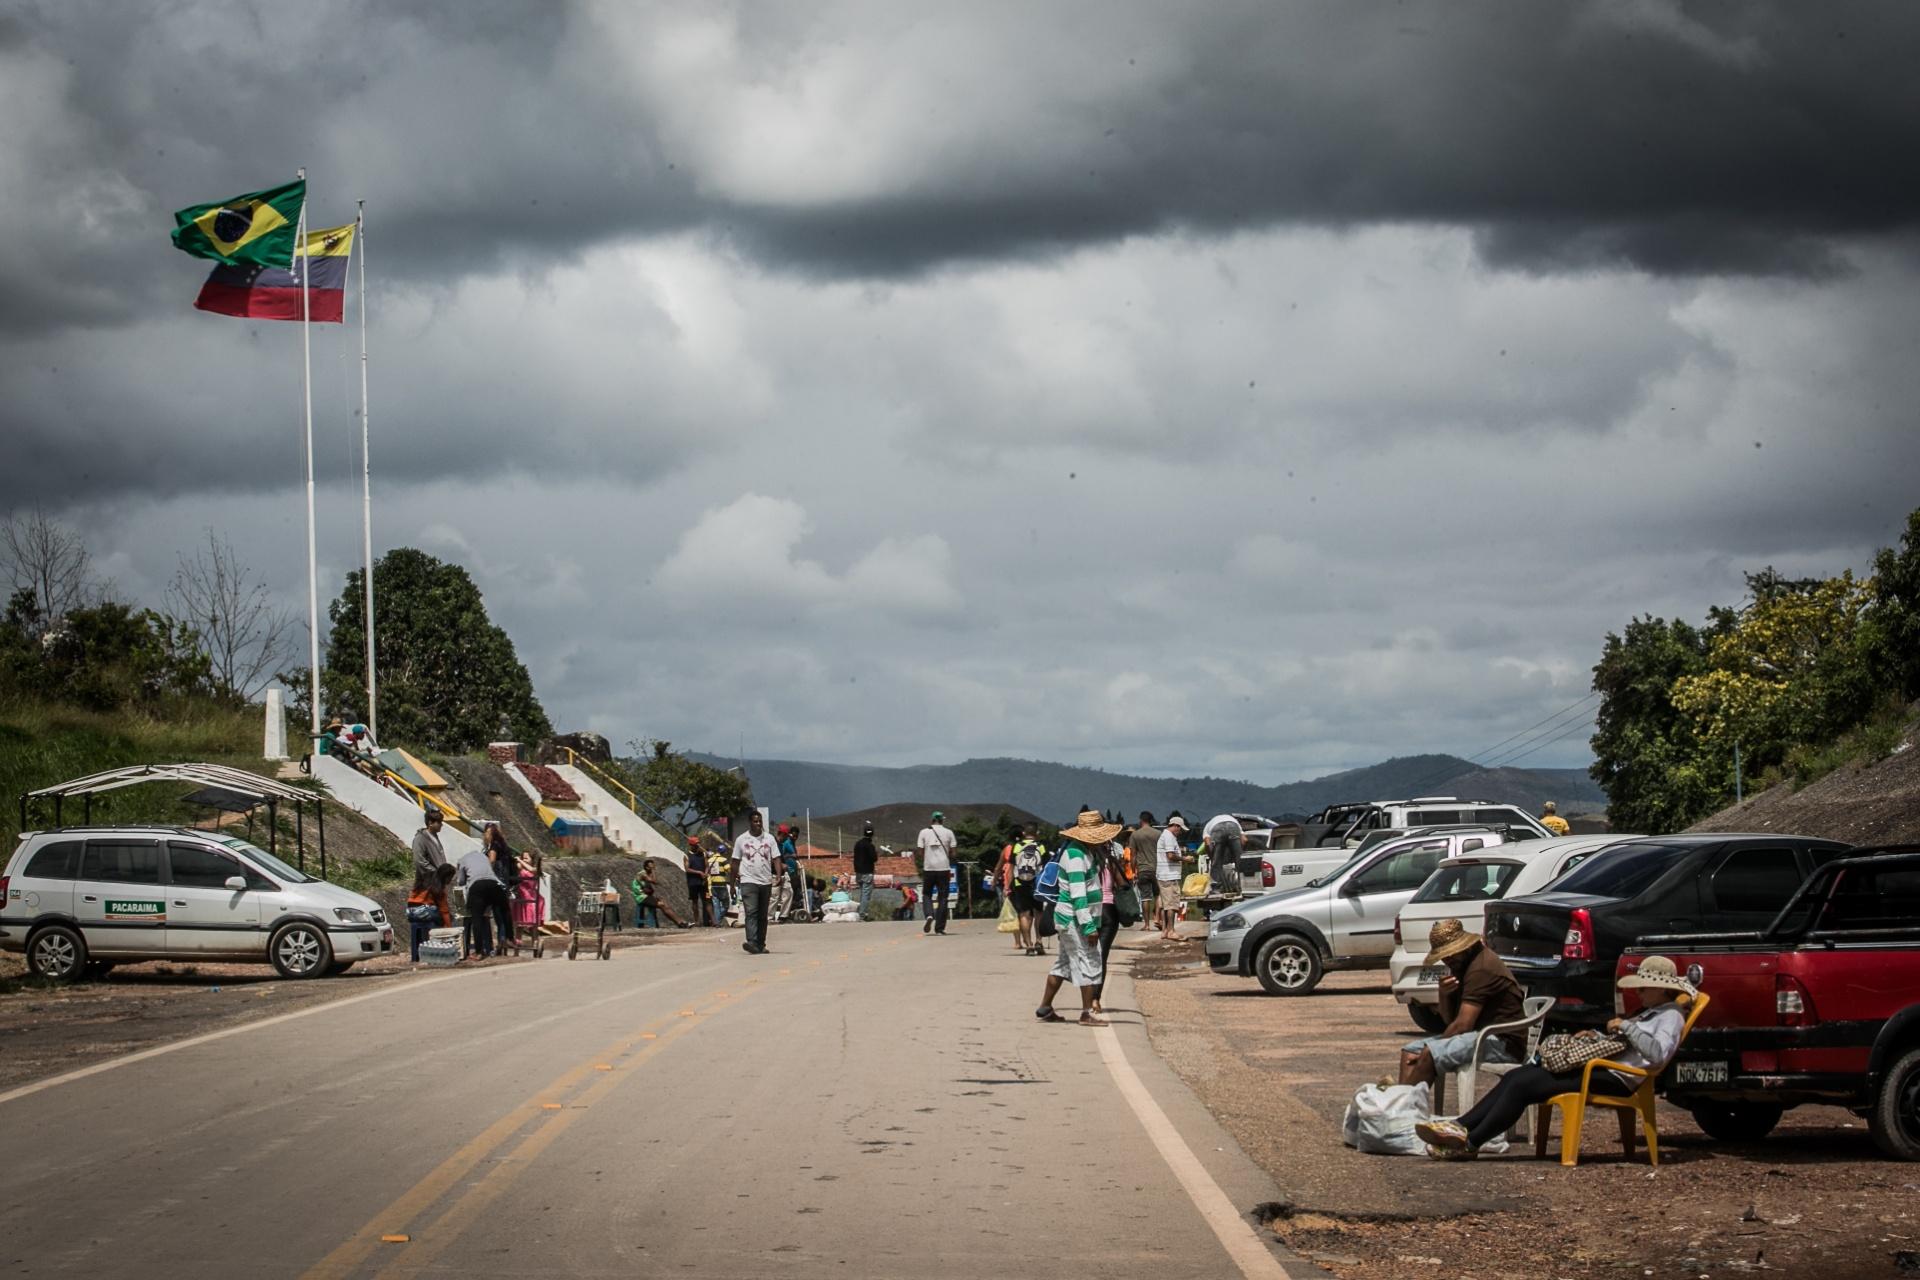 Venezuela: soldados venezuelanos disparam contra civis na fronteira com Brasil